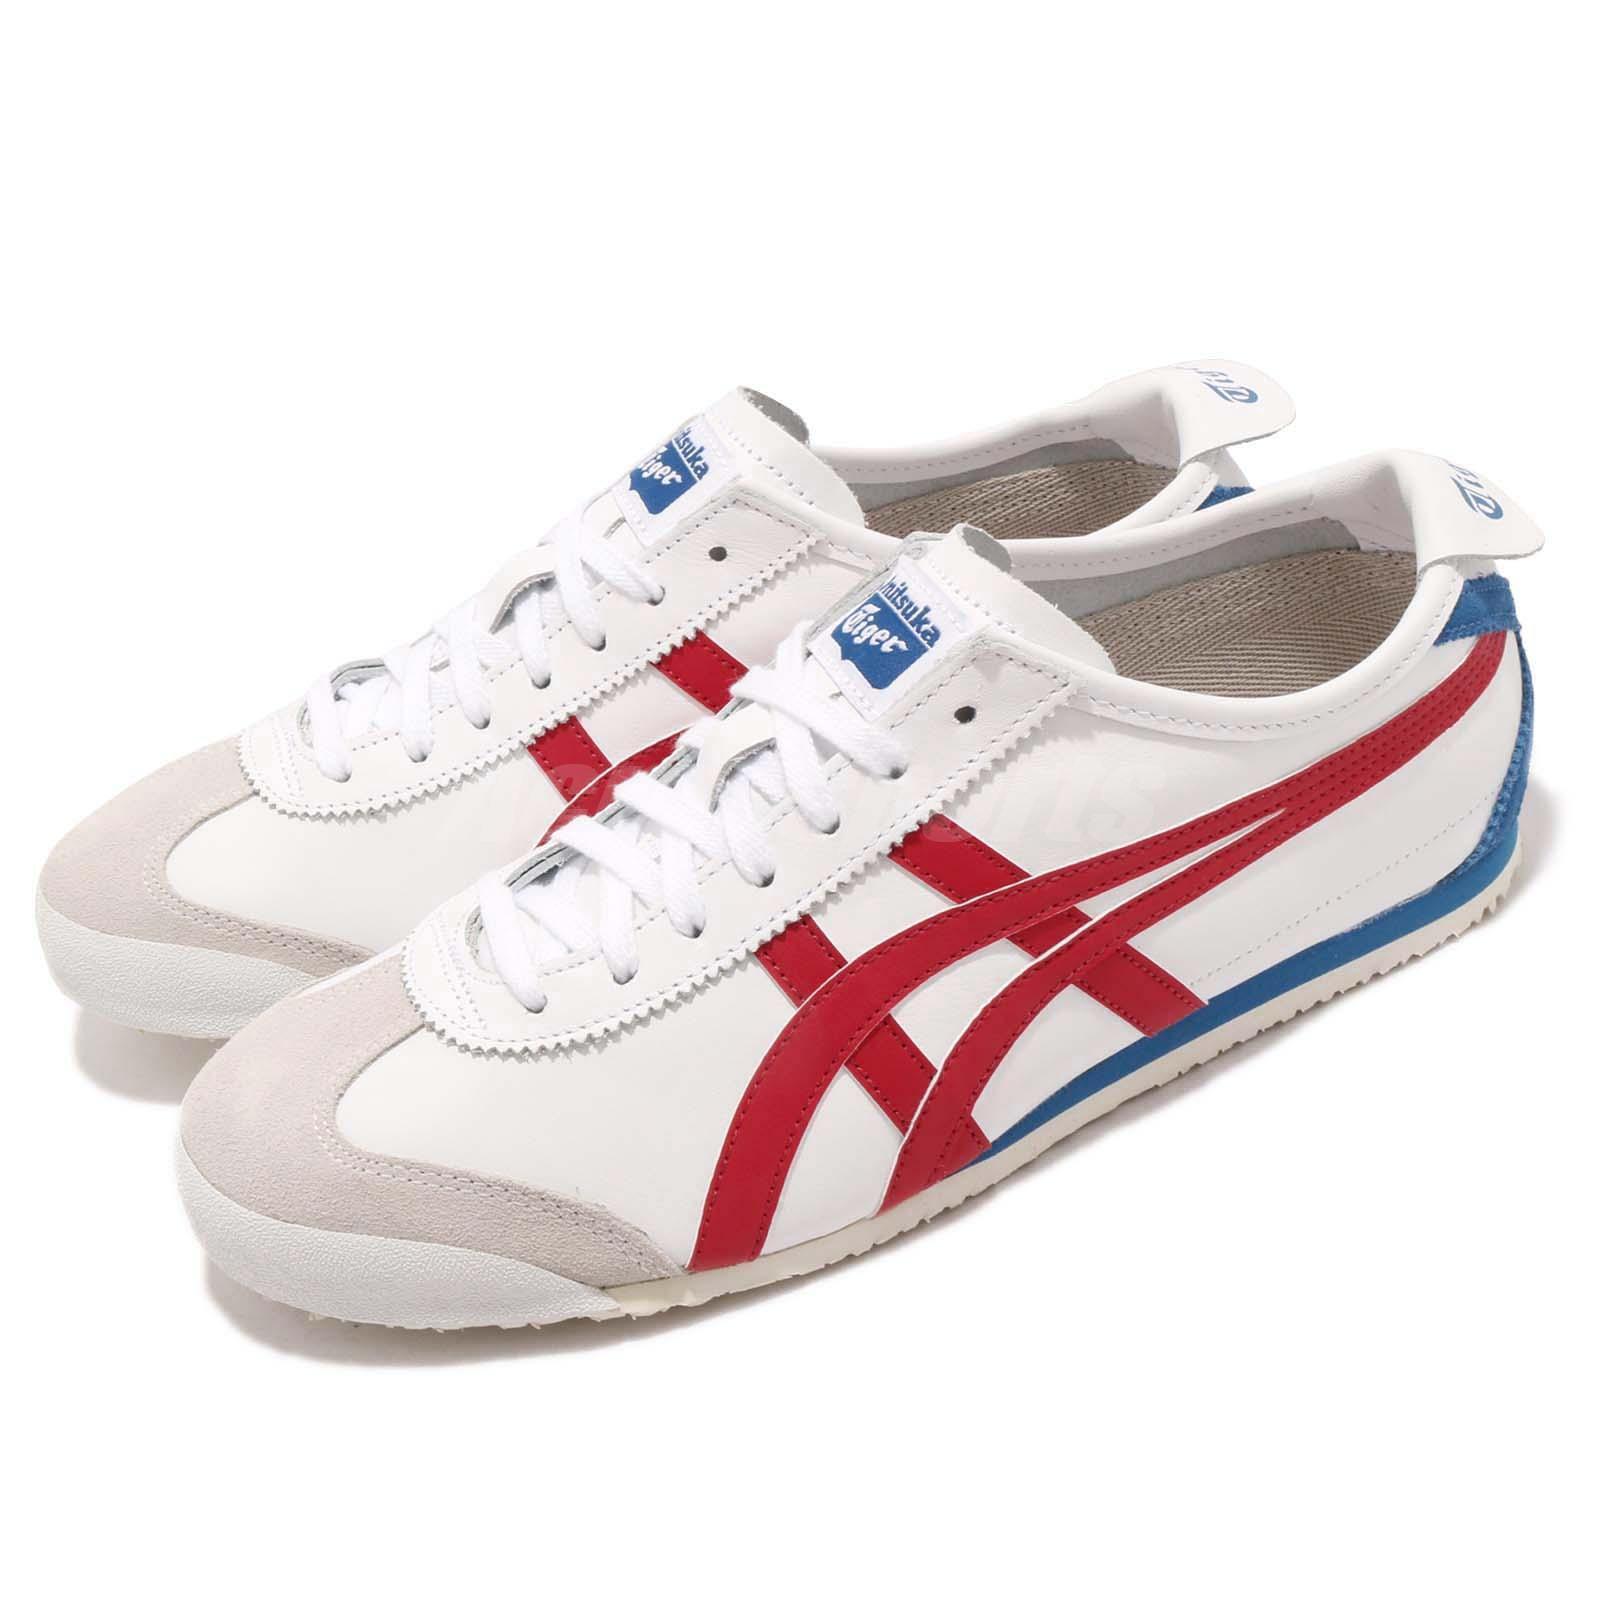 Asics Onitsuka Tiger bianca Mexico 66 OT bianca Tiger Rosso Blue Uomo Shoes Scarpe da Ginnastica D4J2L-0123 e65bb0